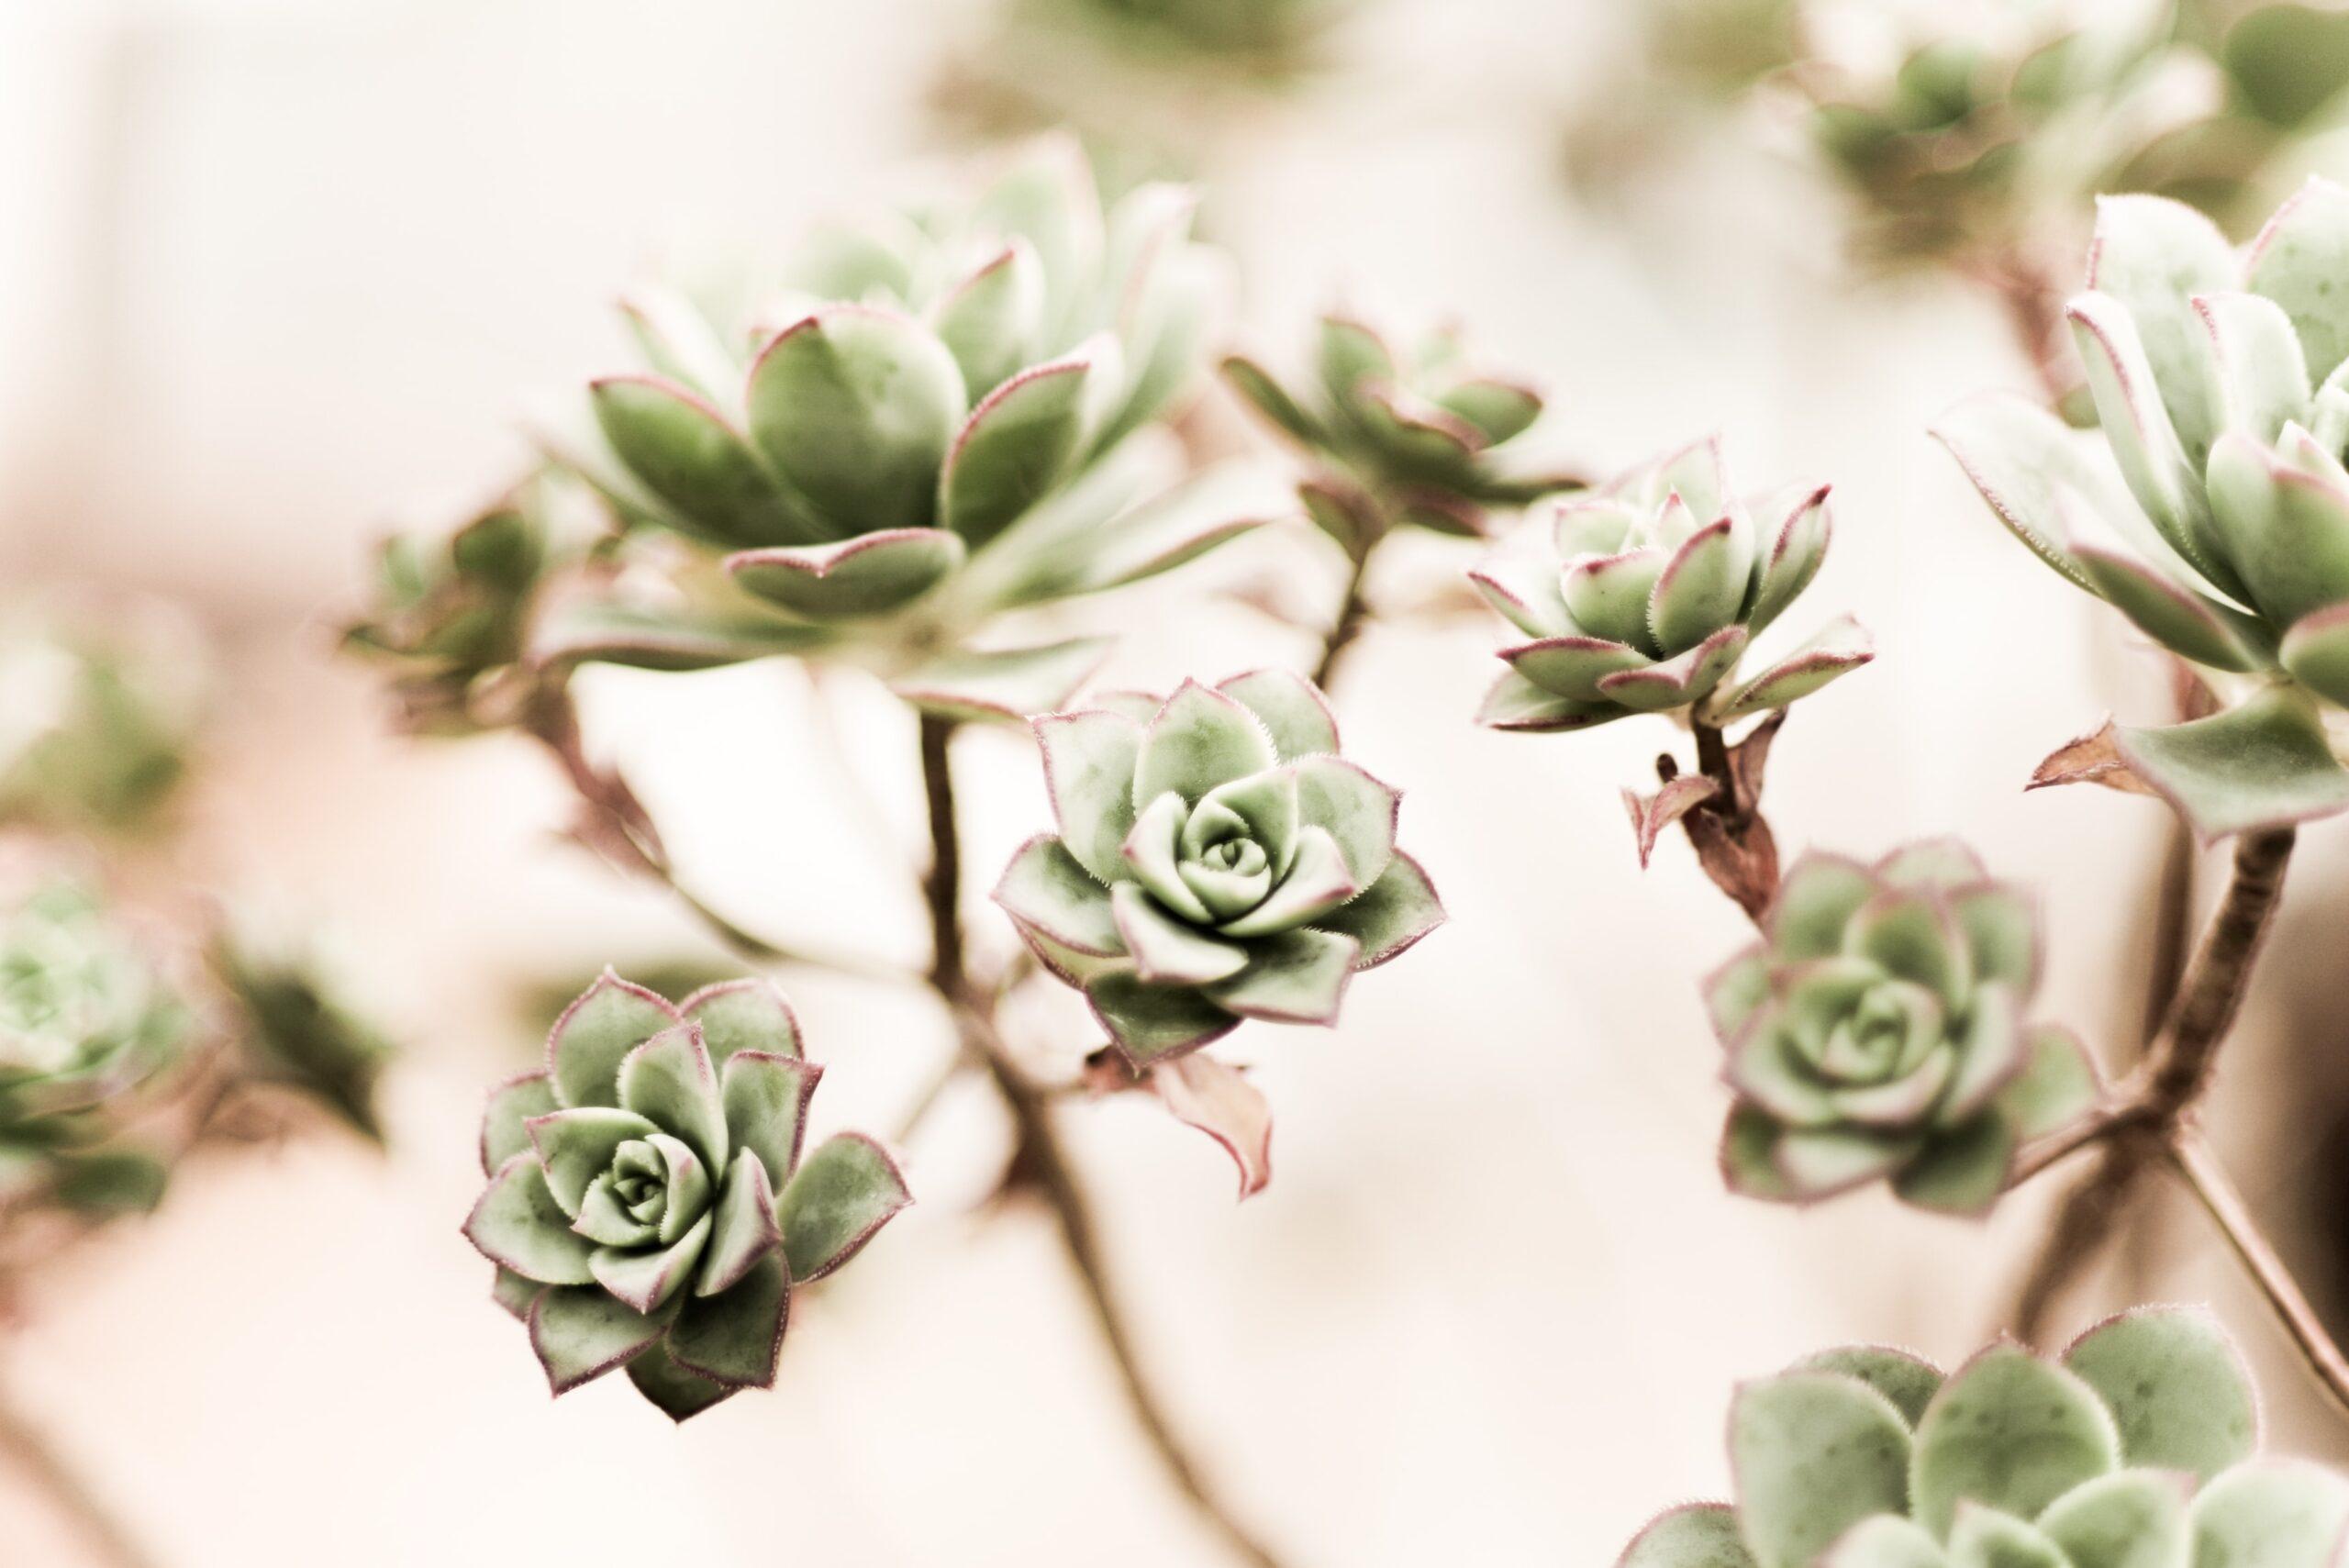 about succulents 9